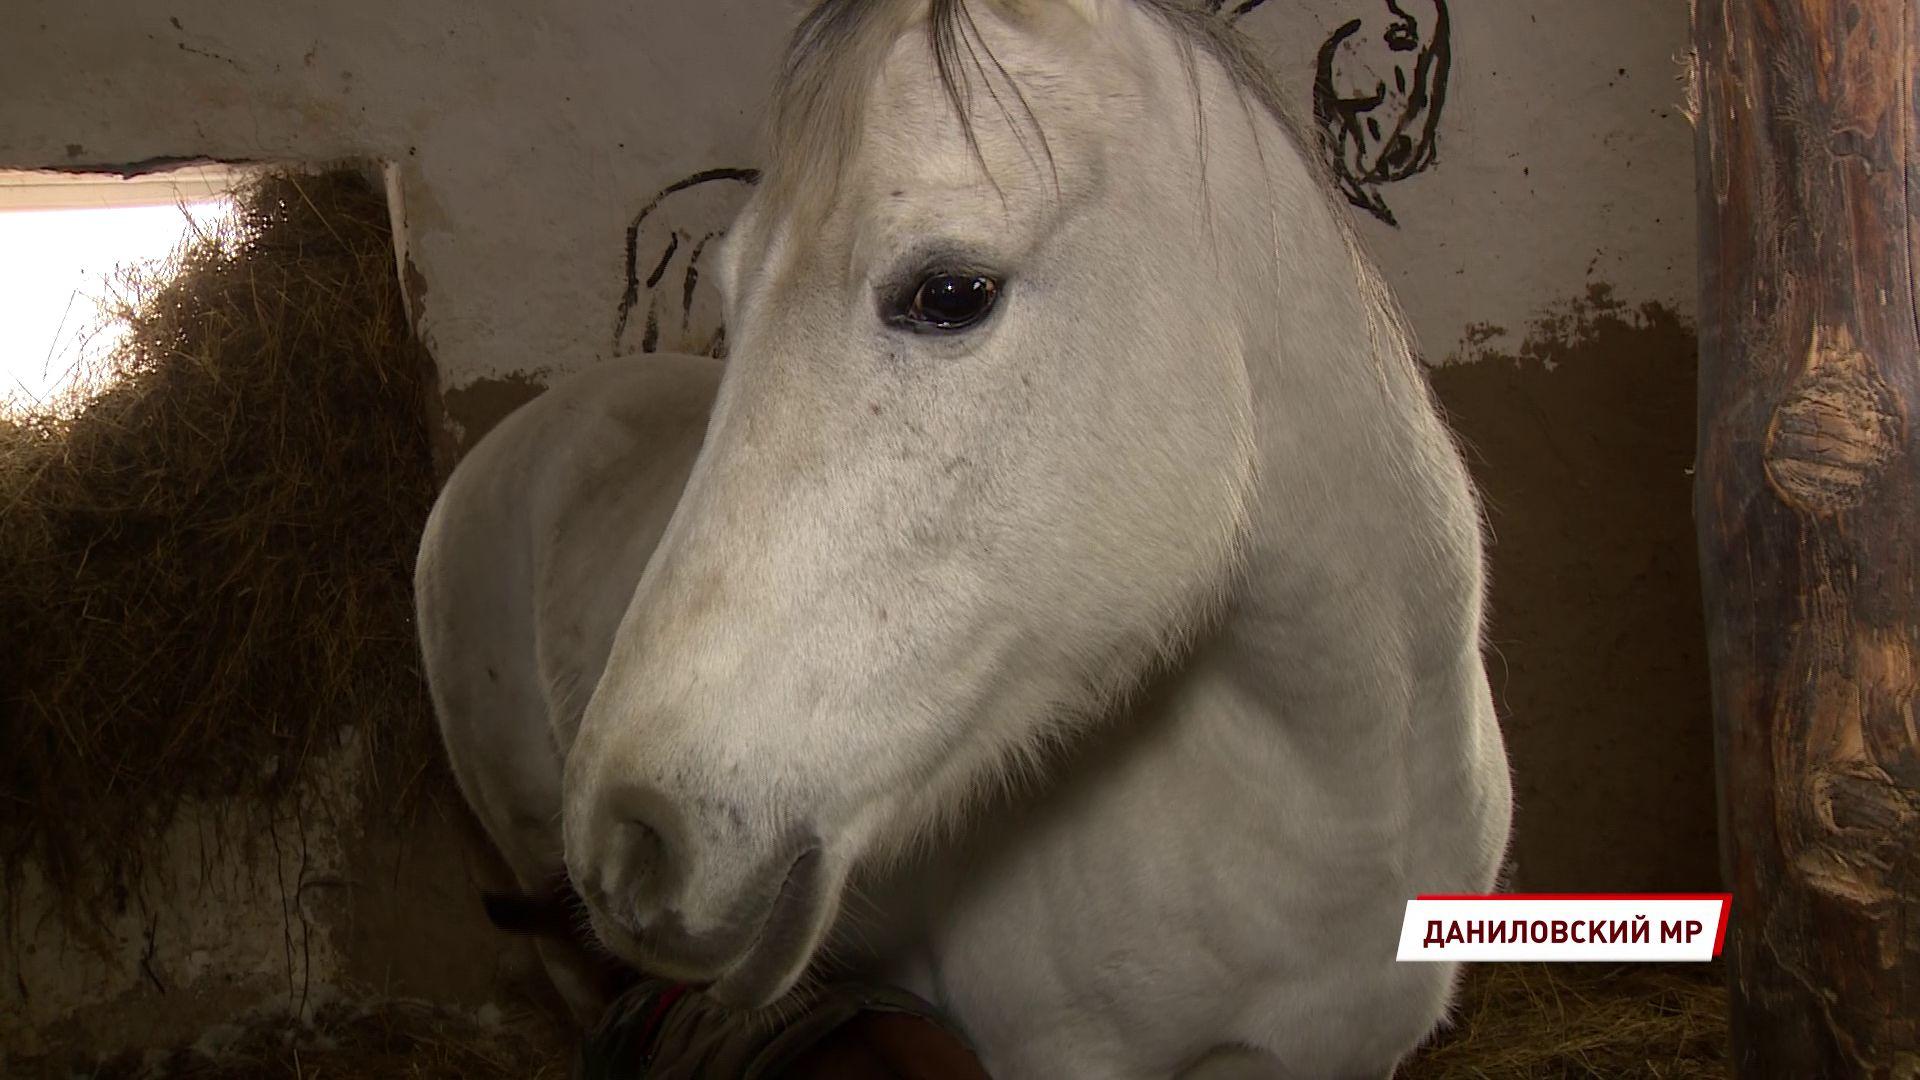 Ярославское общество защиты животных получило очередной президентский грант